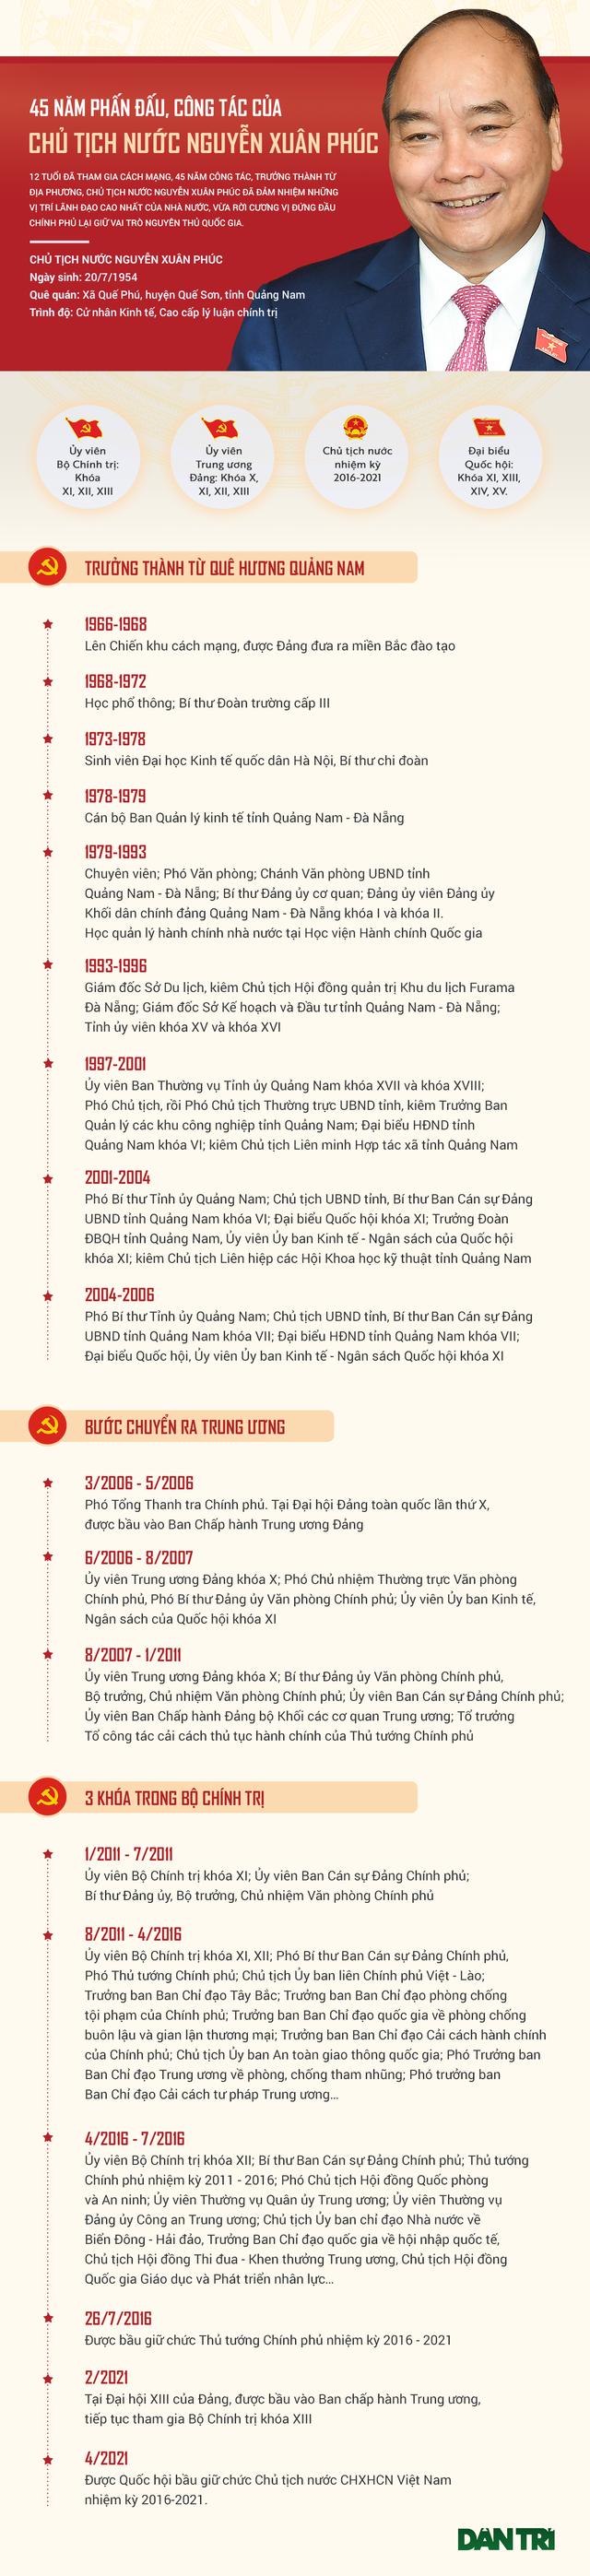 45 năm công tác của tân Chủ tịch nước Nguyễn Xuân Phúc - 1